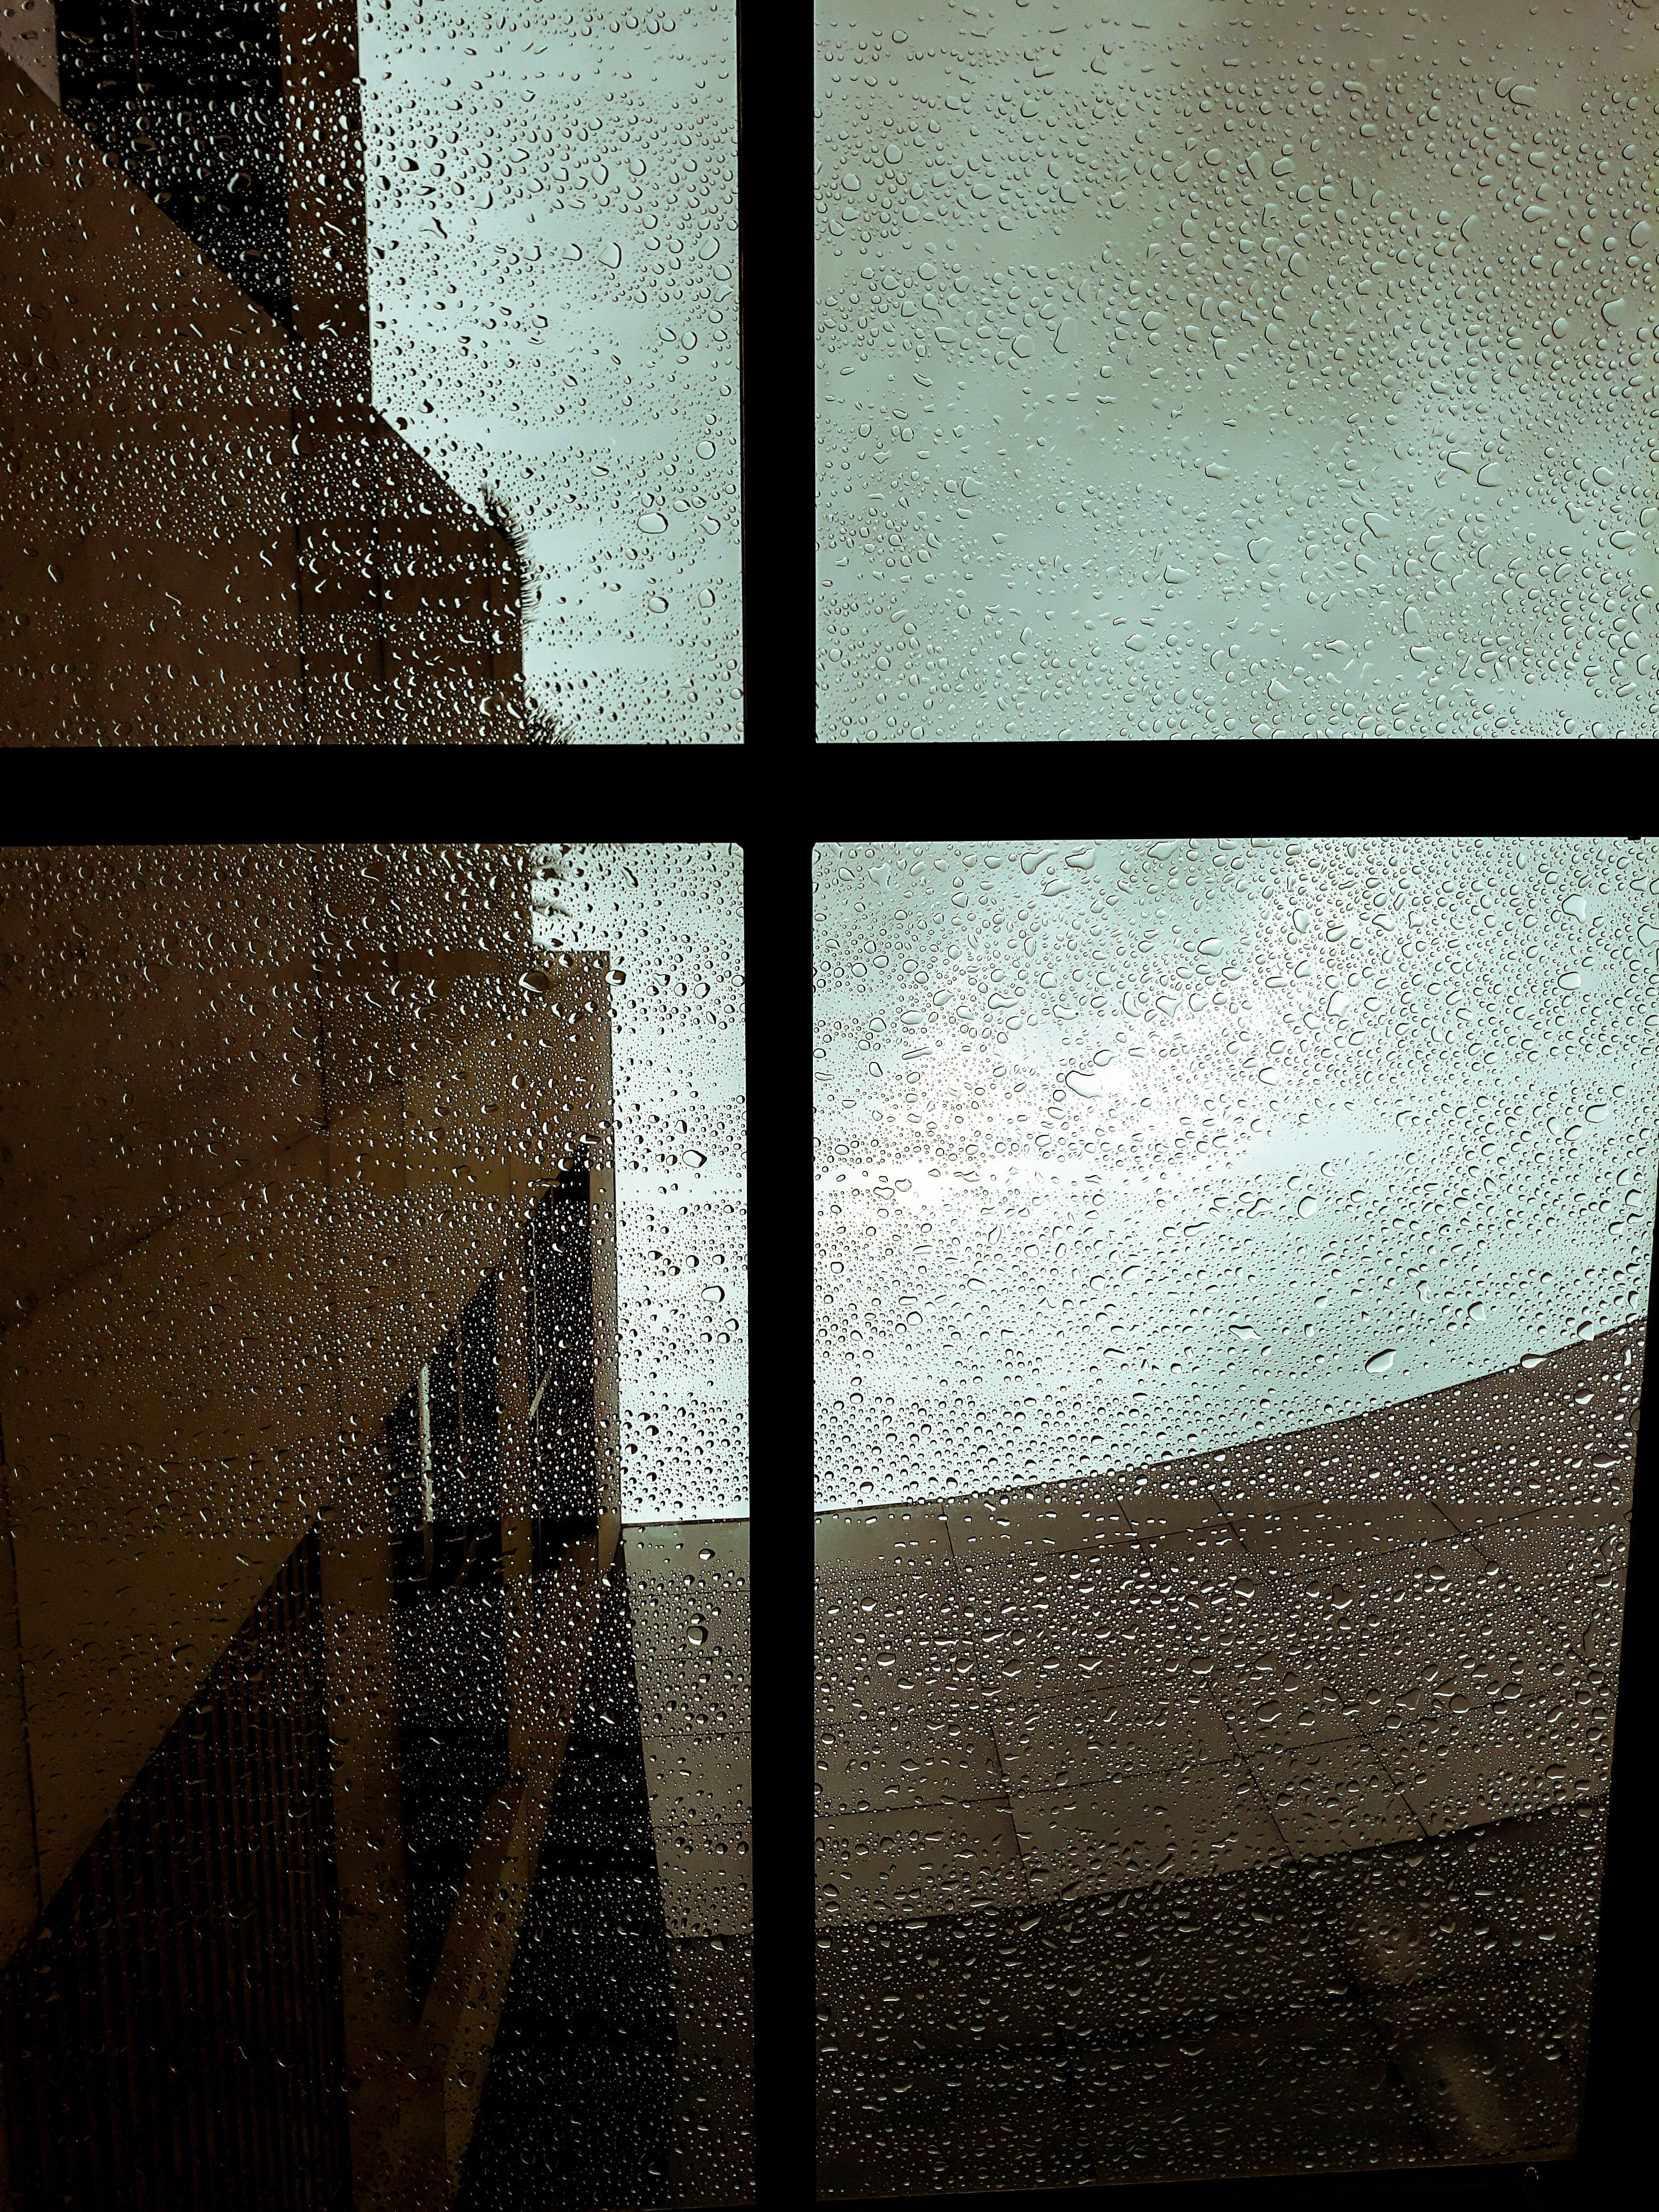 Δωρεάν στοκ φωτογραφιών με βρεγμένος, σταγόνες βροχής